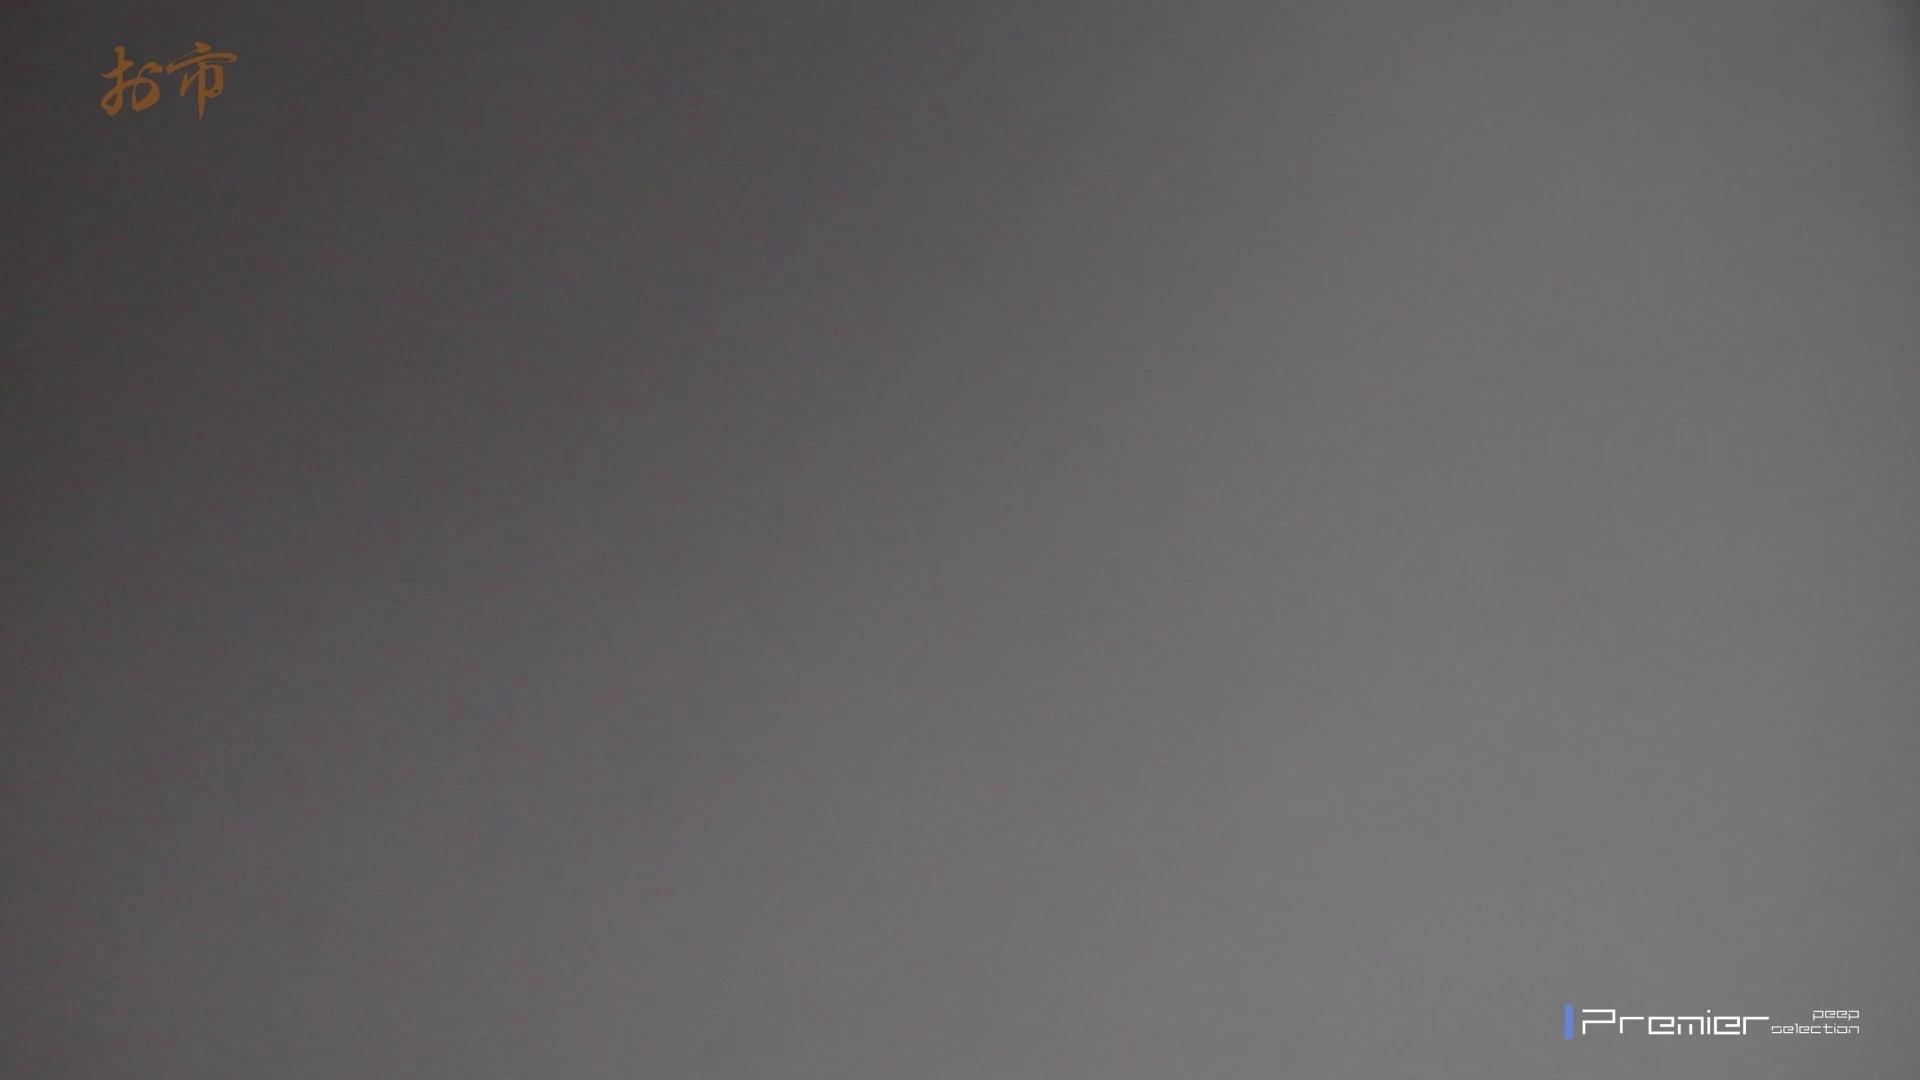 潜入!!台湾名門女学院 Vol.14 ラストコンテンツ!! 高画質動画 SEX無修正画像 103画像 6